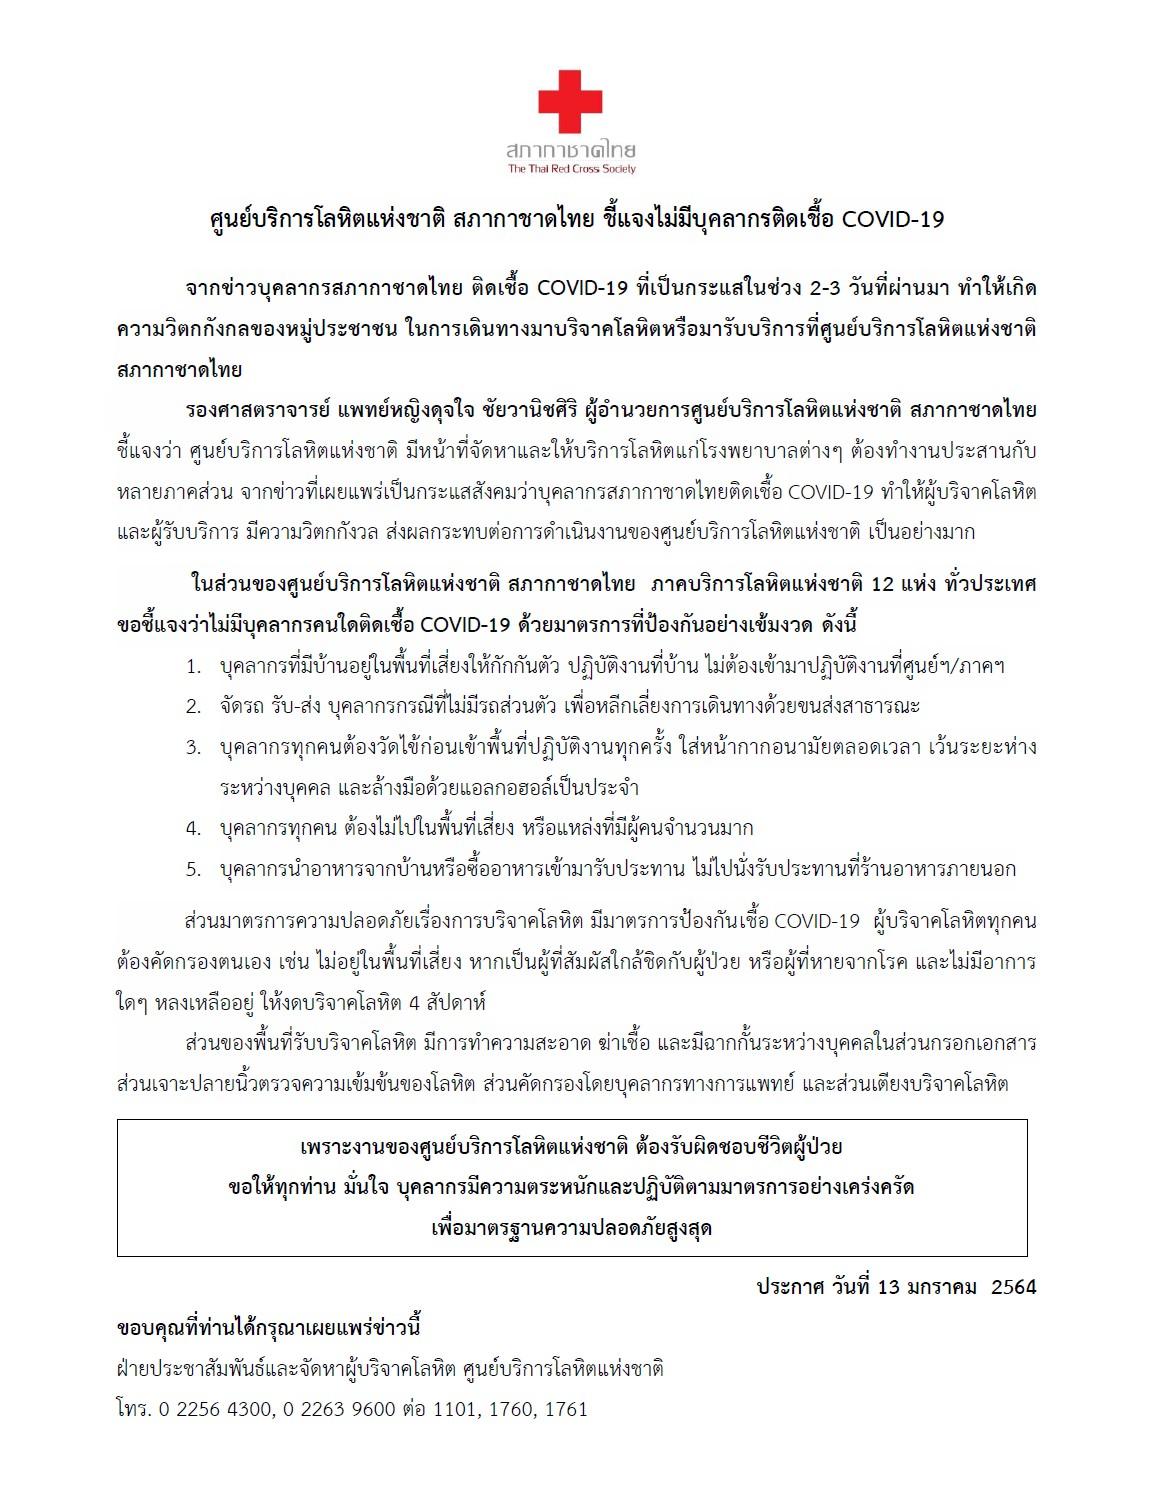 ศูนย์บริการโลหิตแห่ขาติ สภากาชาดไทย ชี้แจงไม่มีบุคลากรติดเชื้อ COVID-19